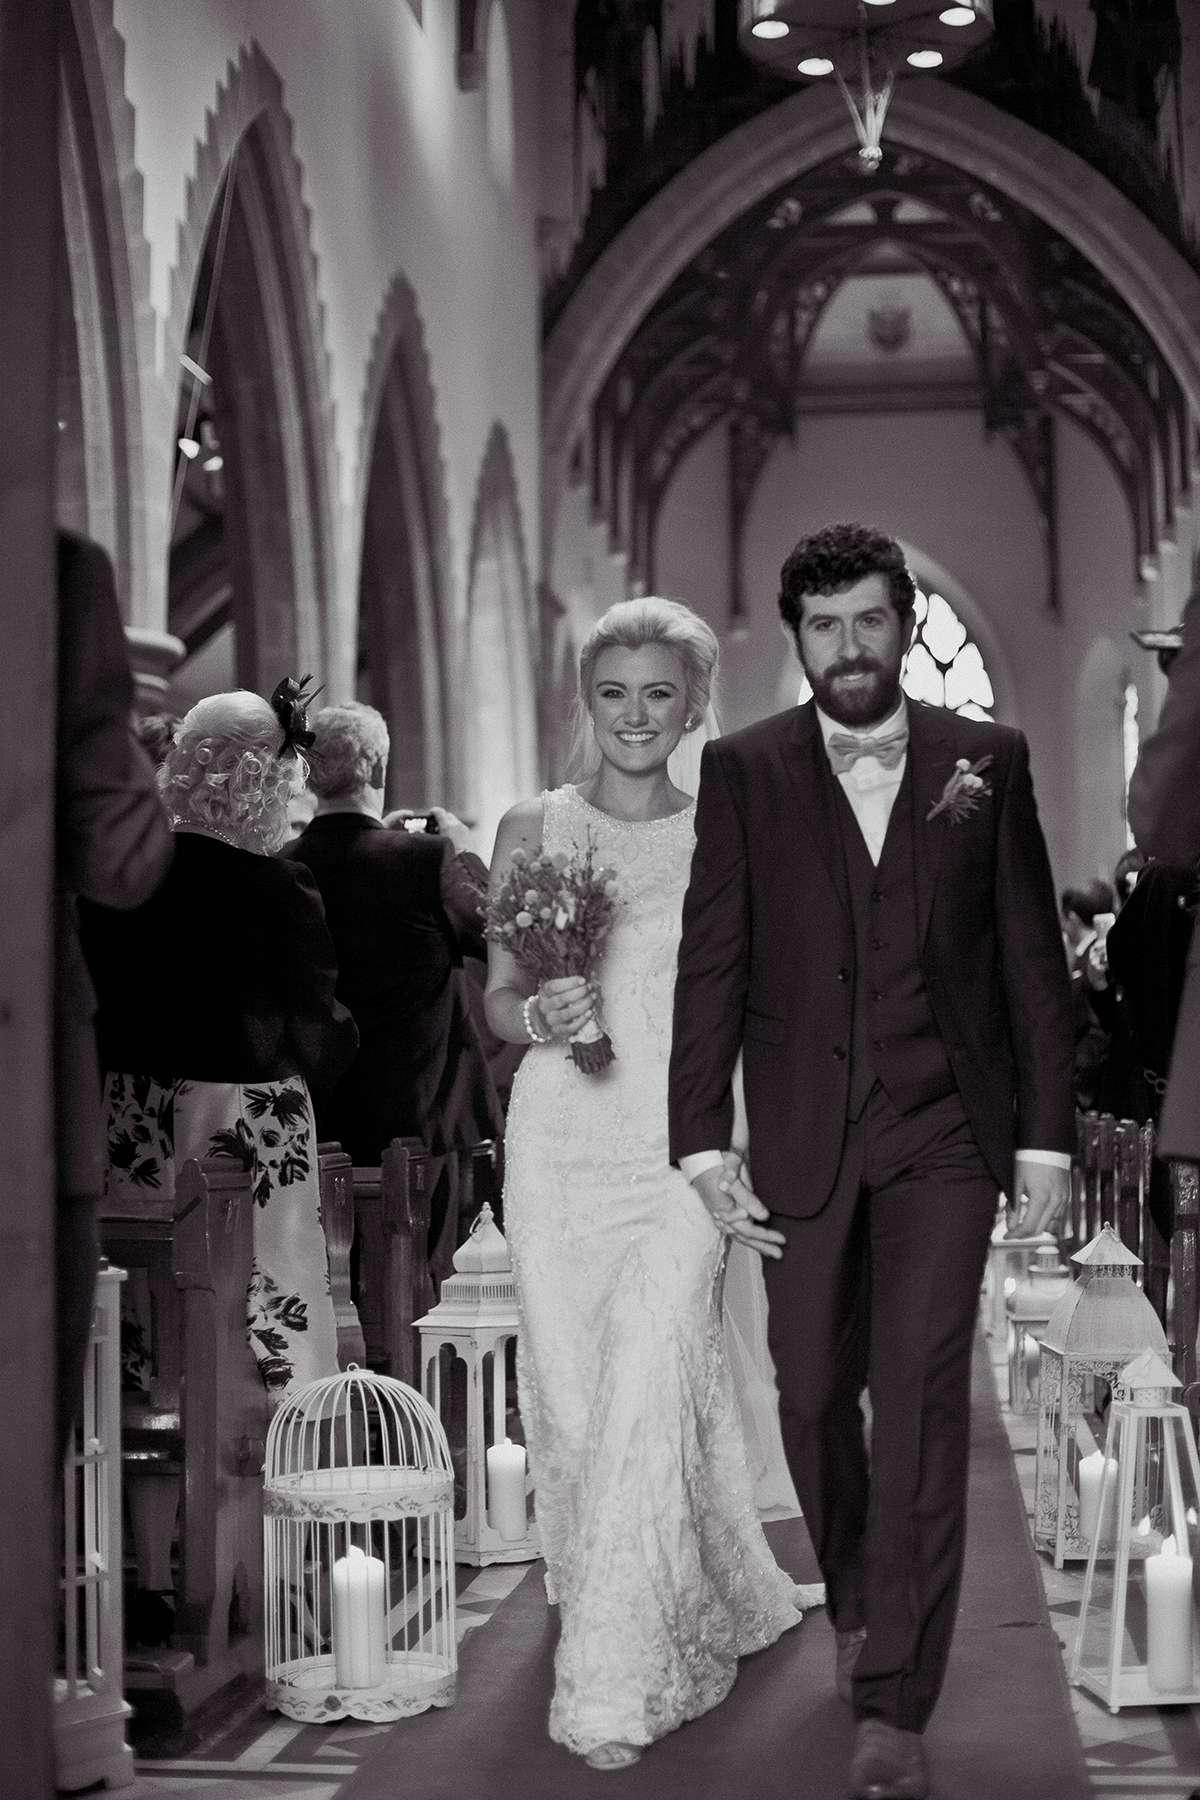 Lisa & Eoin | Walking down the aisle